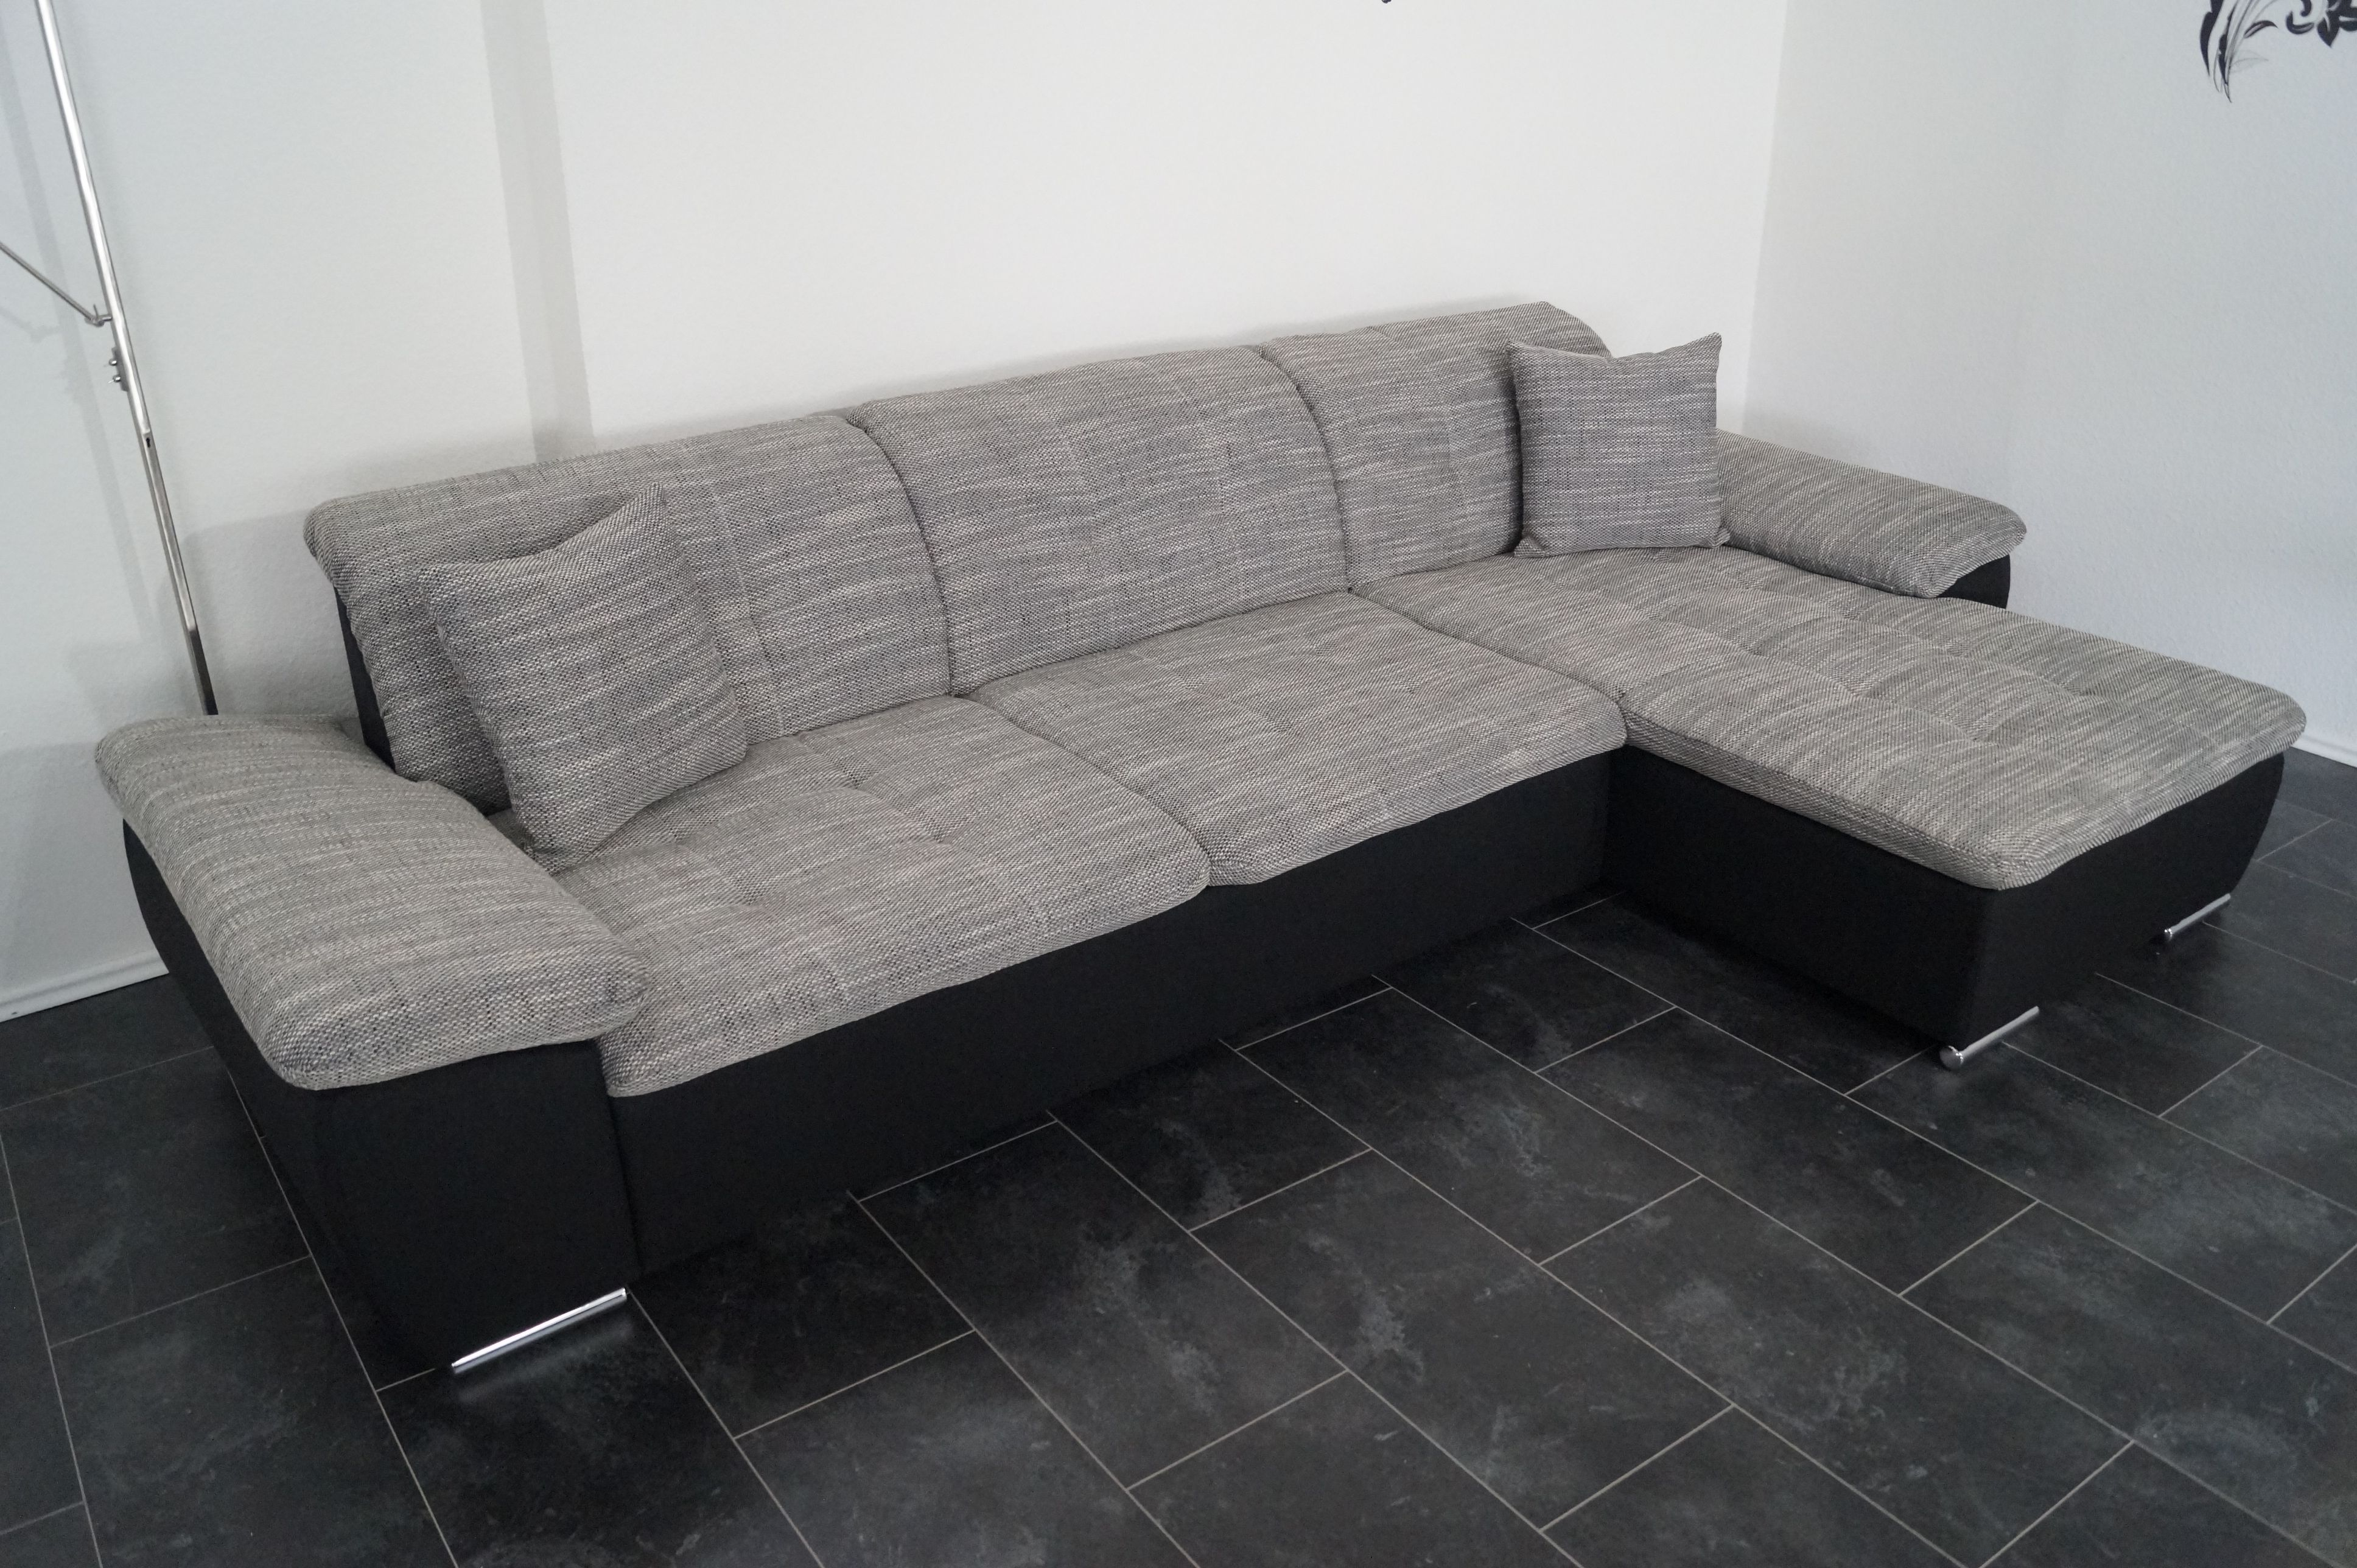 Wwwsofa Günstig Kaufende Möbel Sofort Auf Lager Sofa Couch